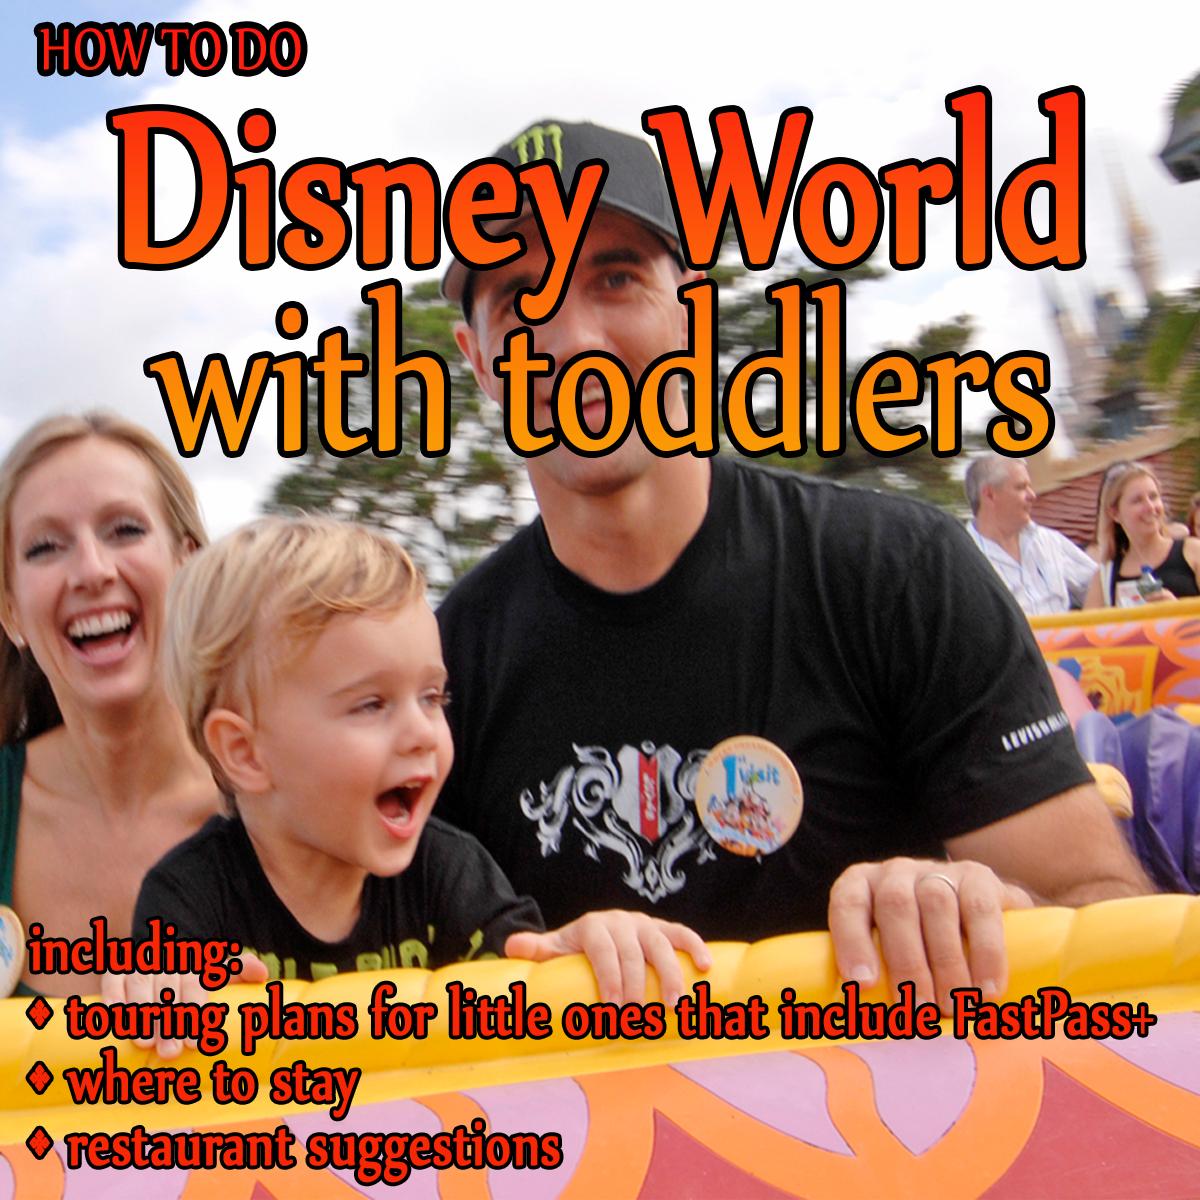 Todddler Centered Disney Touring